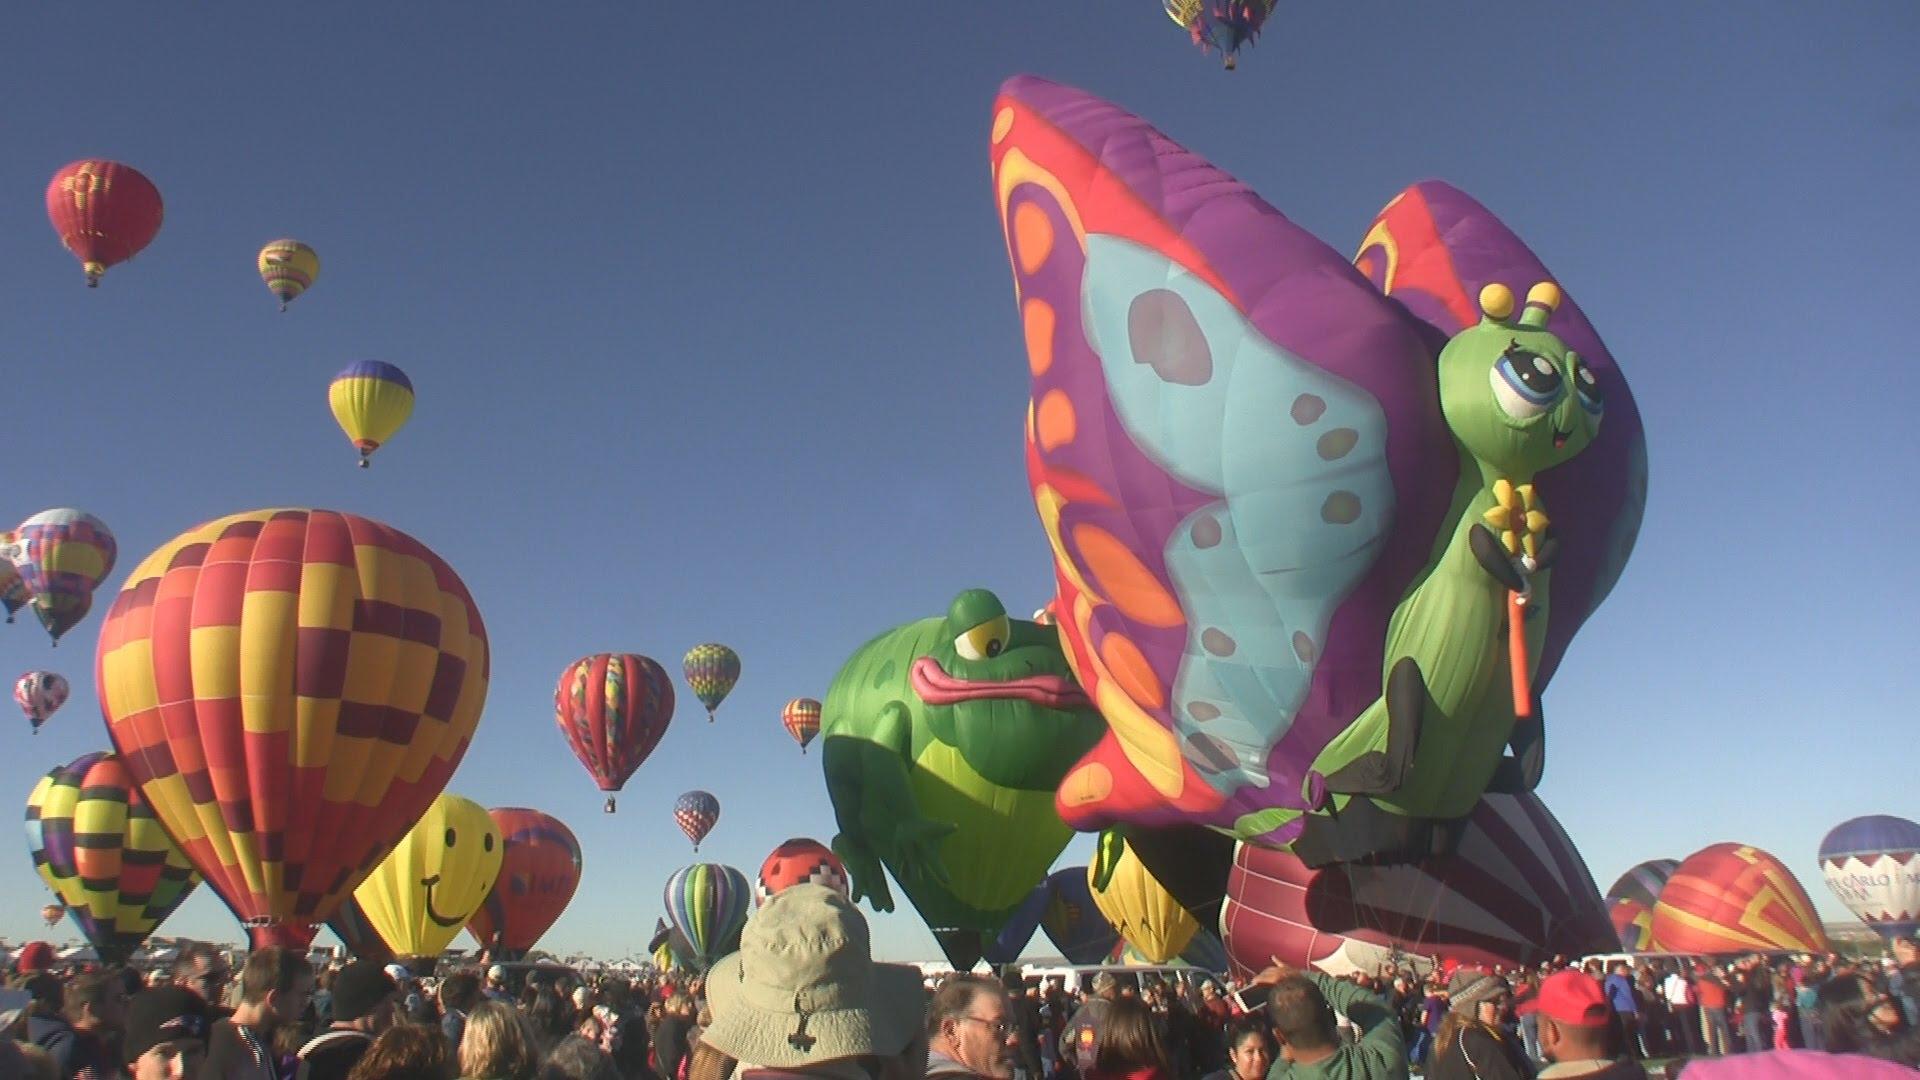 Hot Air Balloon Fiesta. Albuquerque, New Mexico 2014 - YouTube